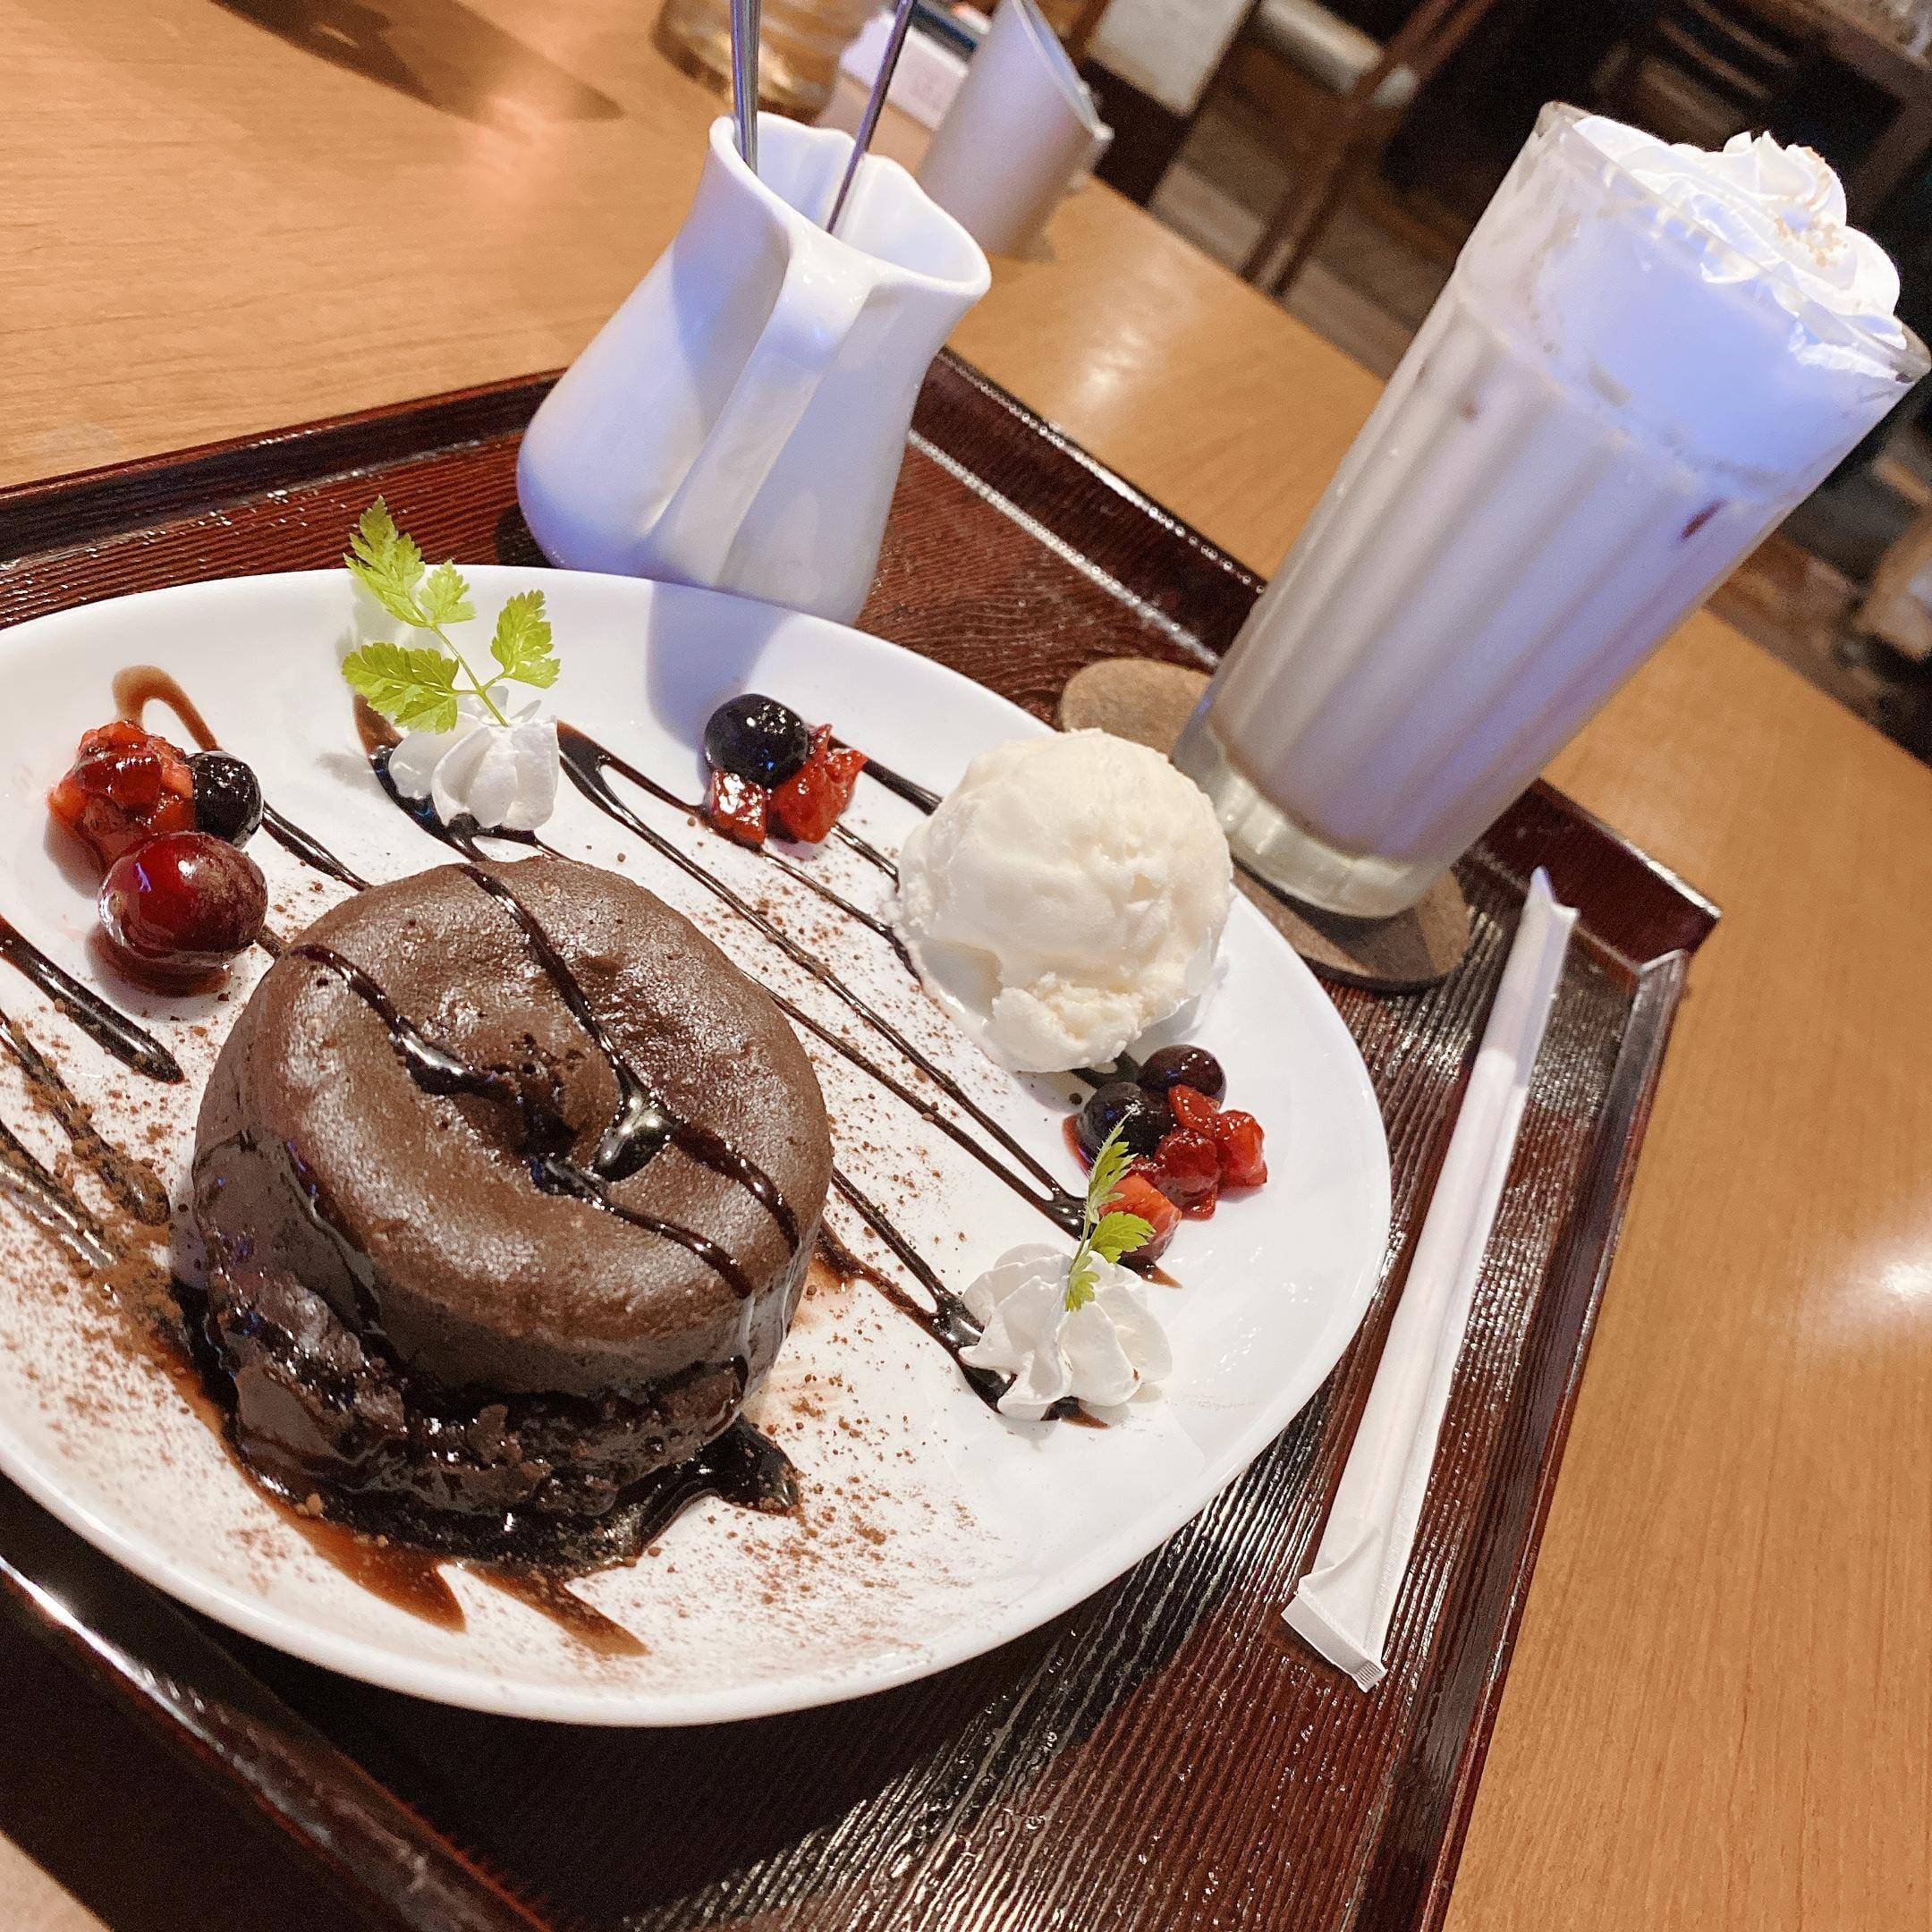 「美味しかった♡」08/10(月) 19:20 | 北川ももの写メ・風俗動画